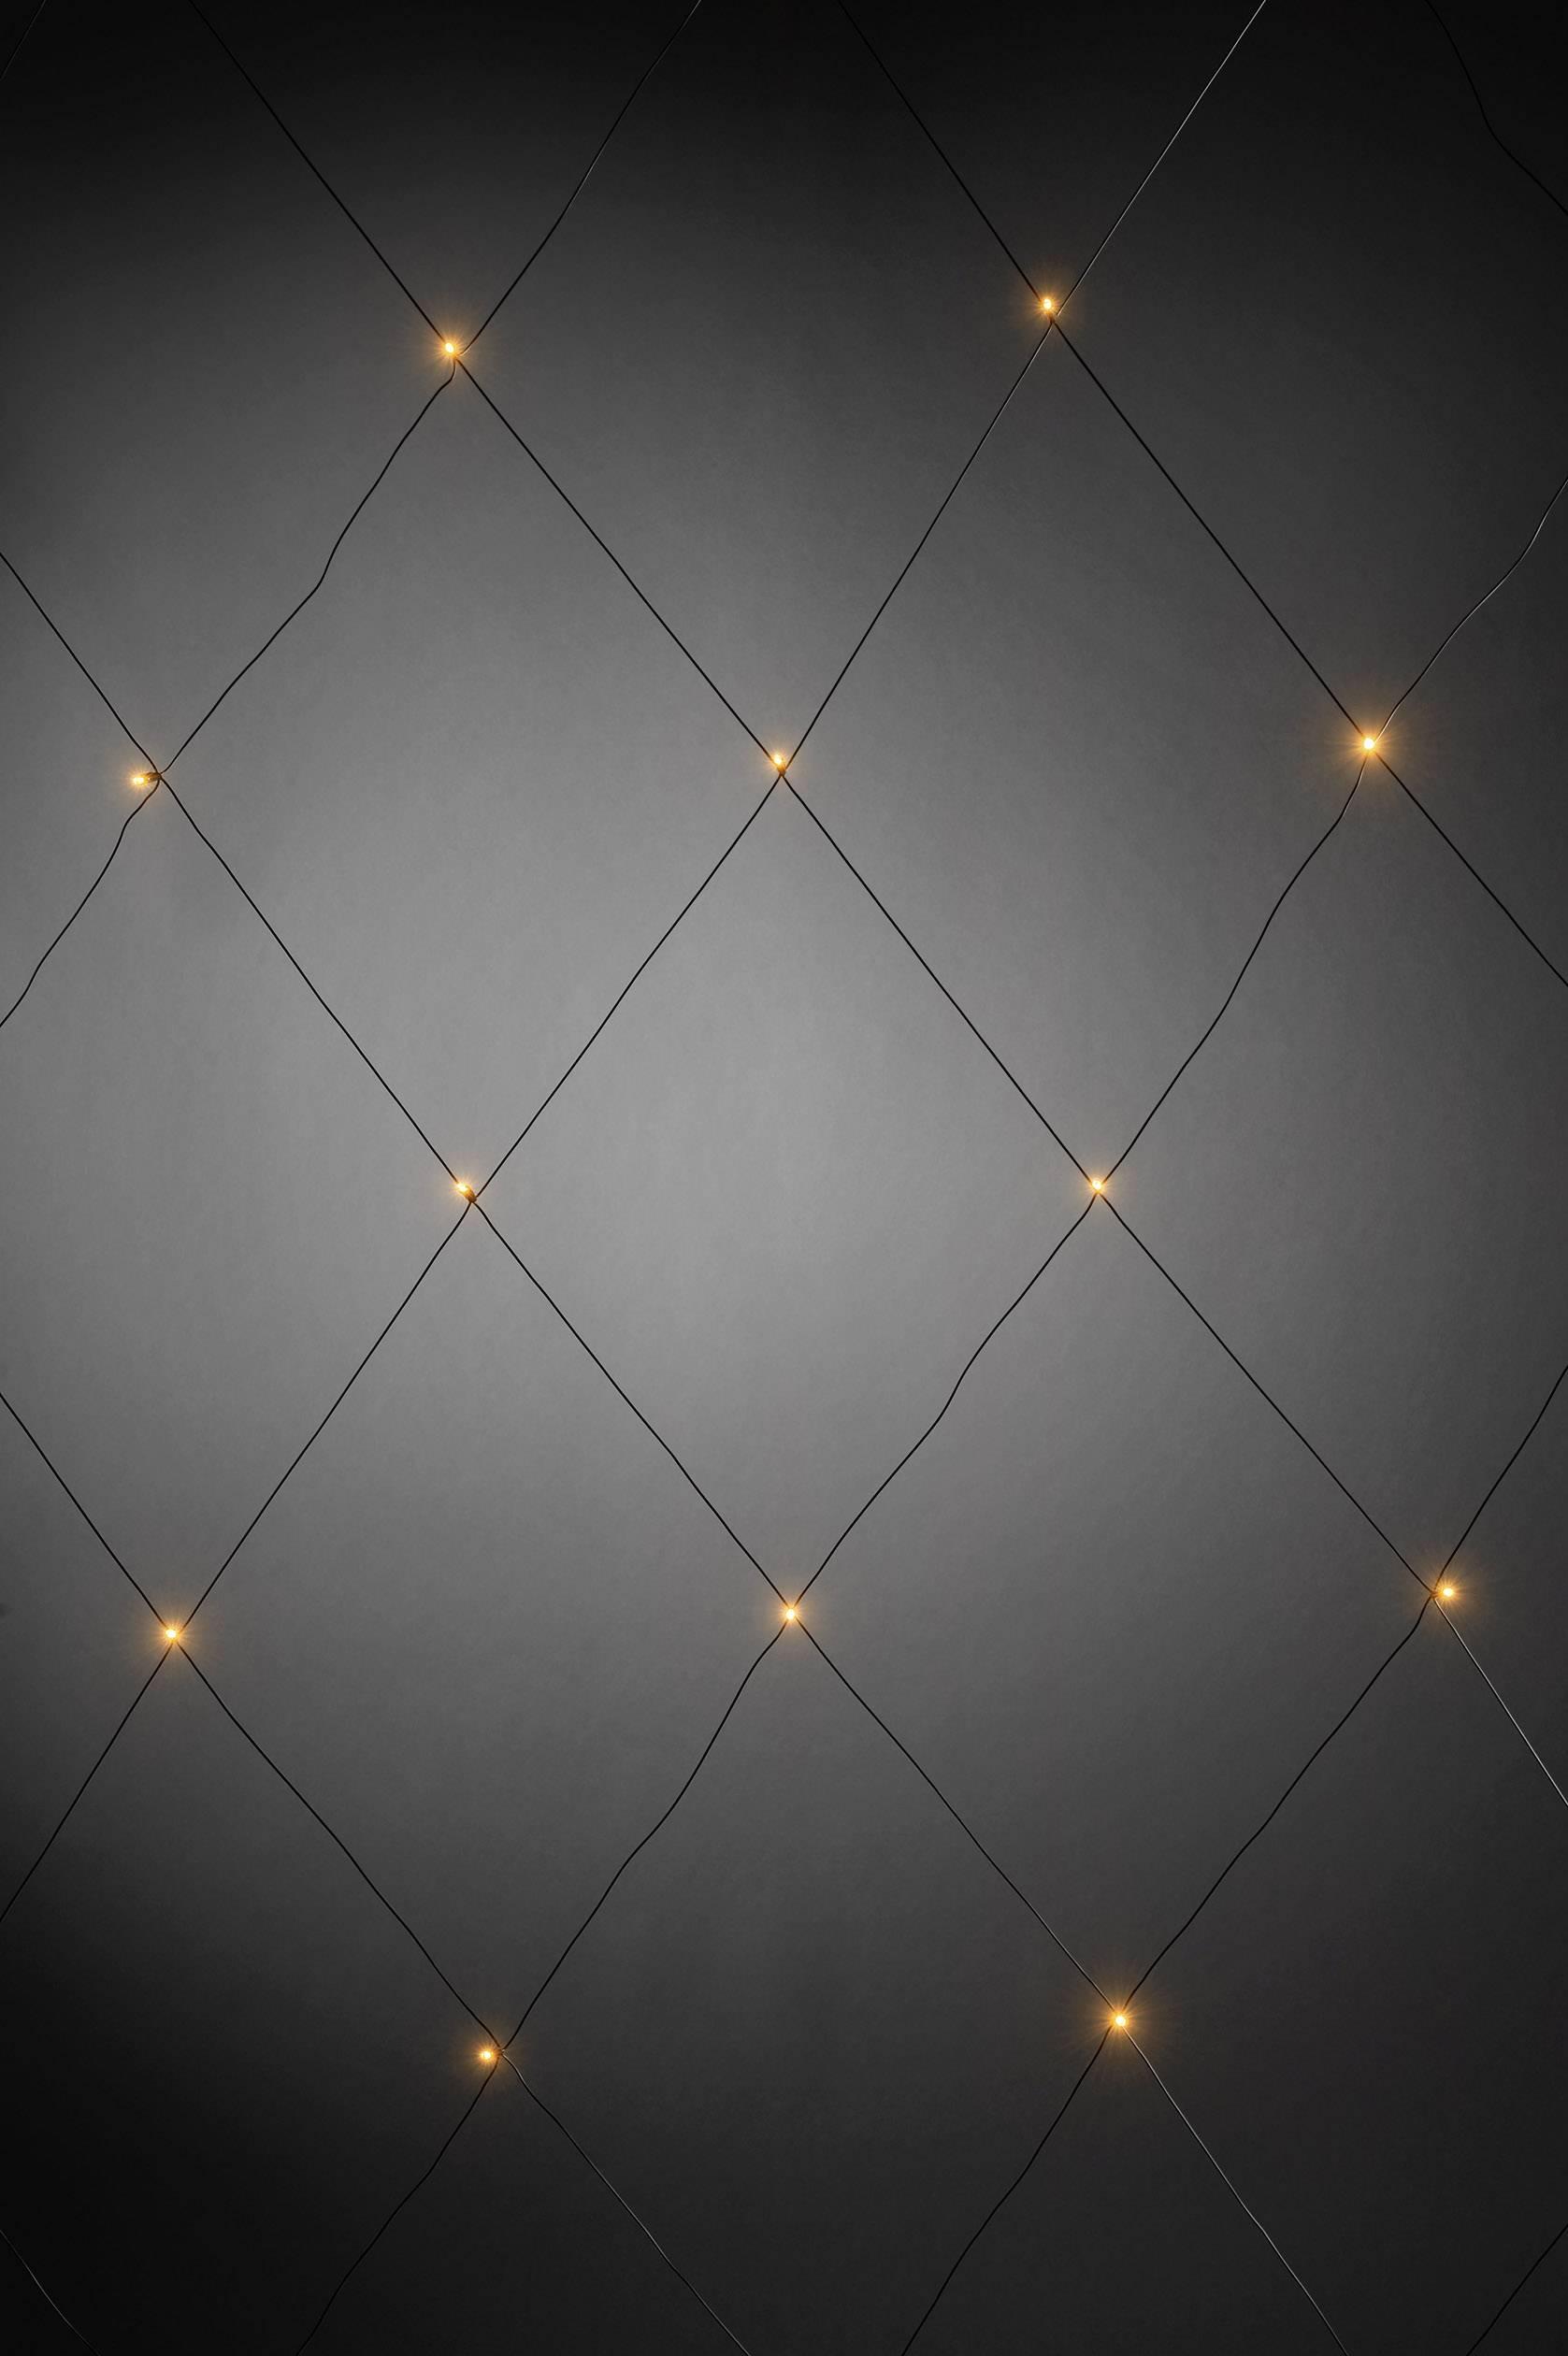 izdelek-konstsmide-svetlobna-mreza-zunaj-24-v-64-led-d-x-s-200-cm